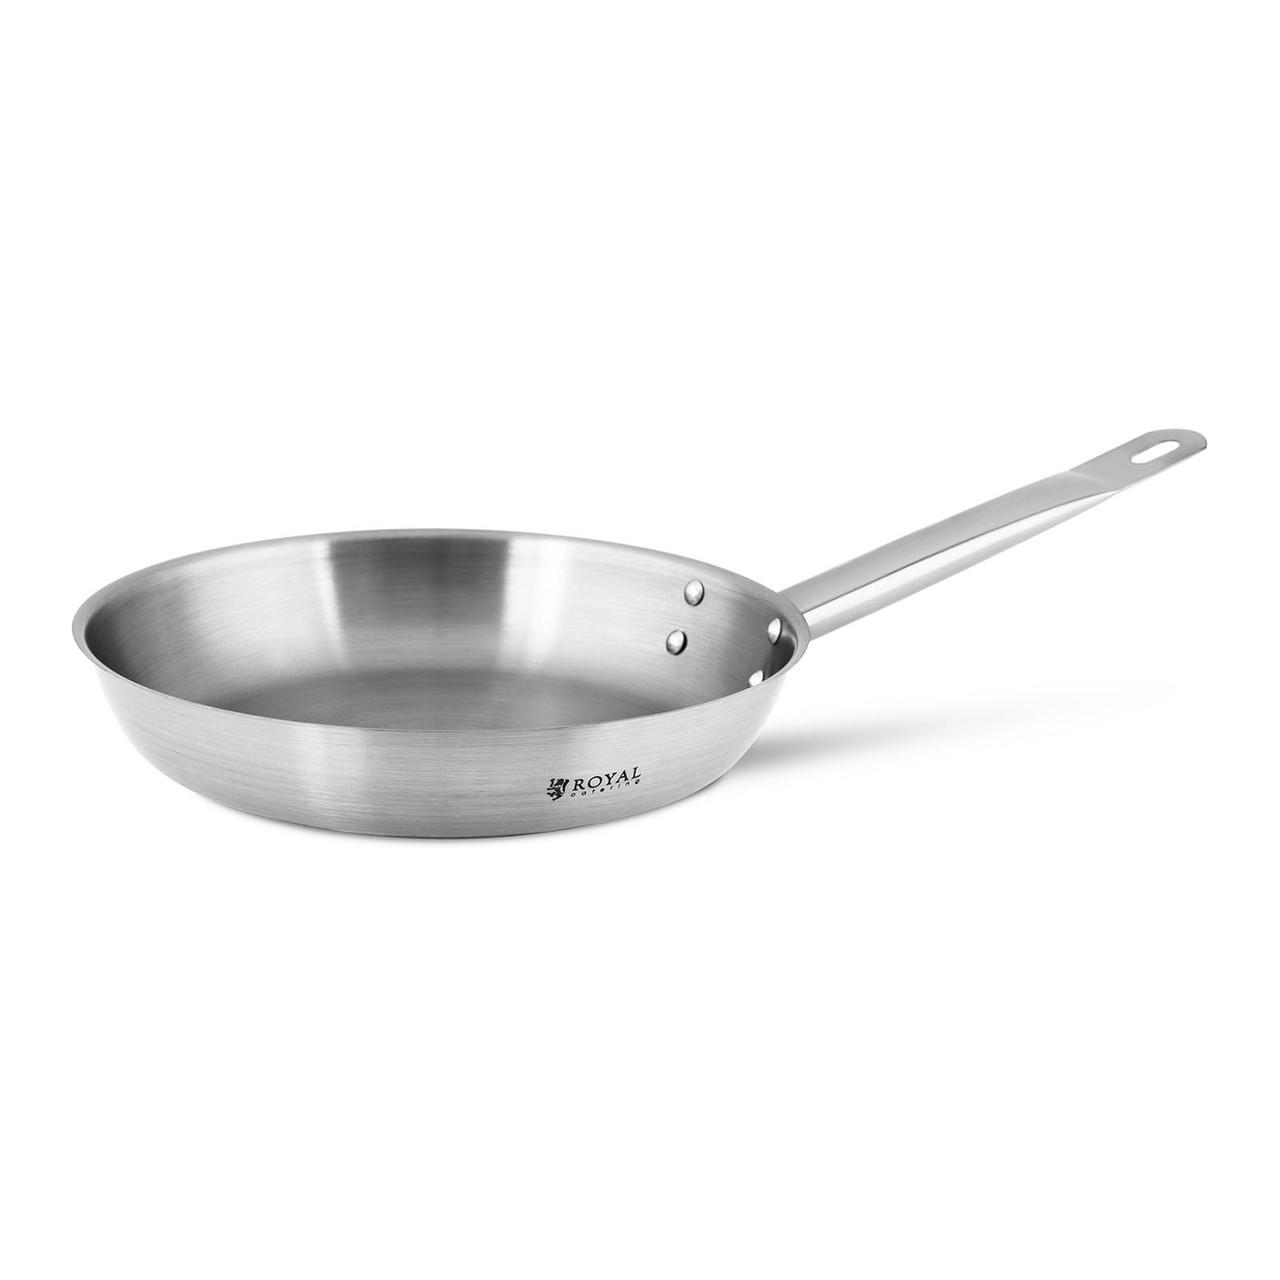 Сковорода - нержавеющая сталь - 24 см Royal Catering Марка Европы